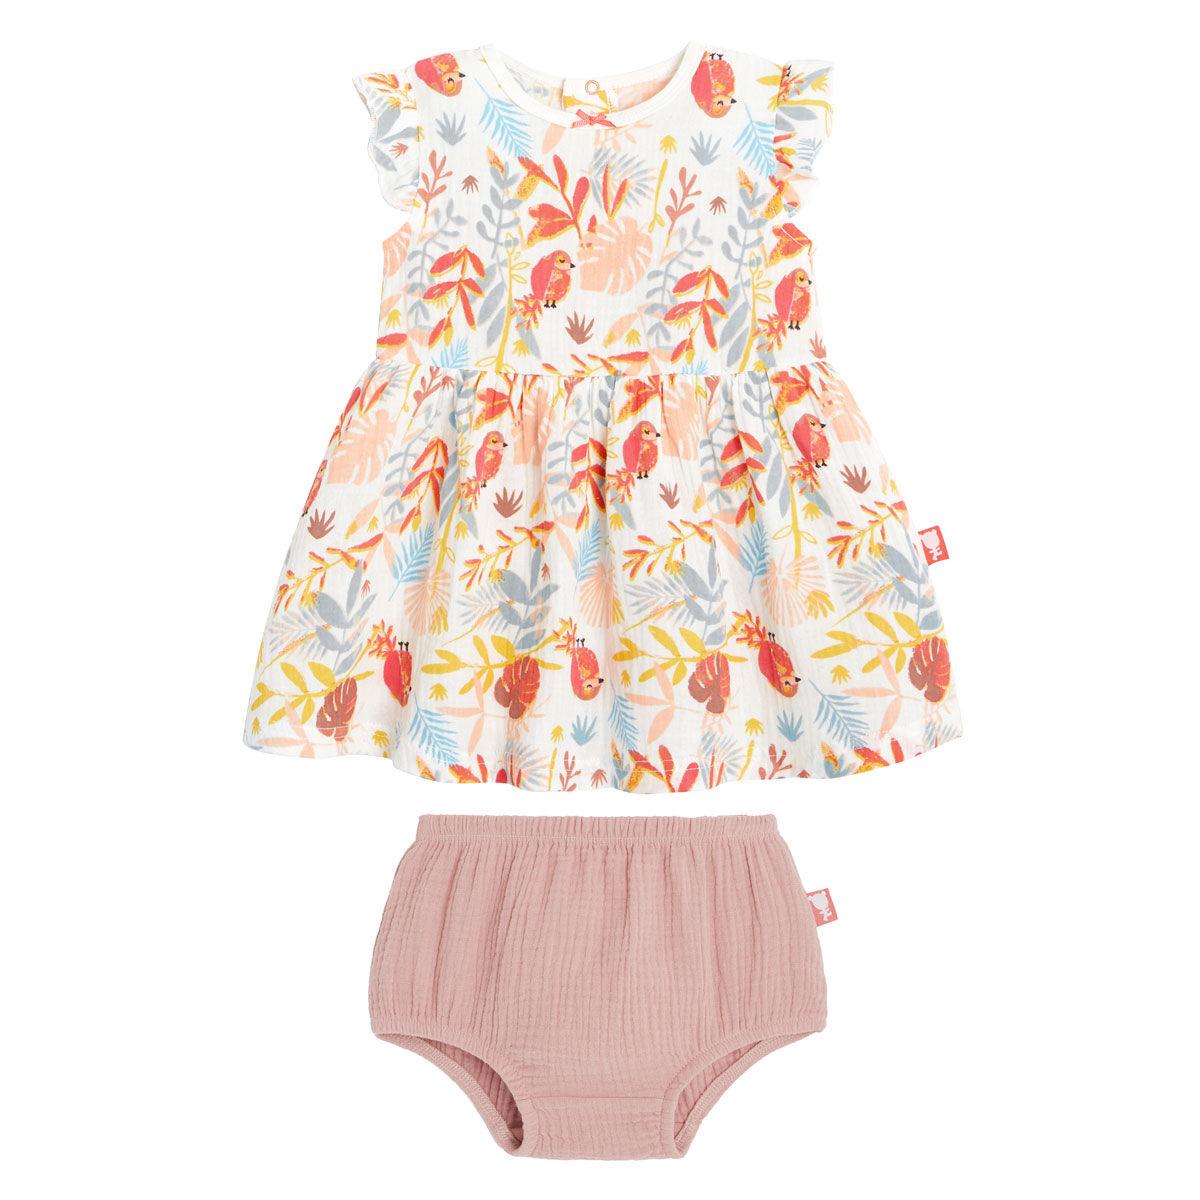 Petit Béguin Robe fille et culotte Tropic - Taille - 18 mois